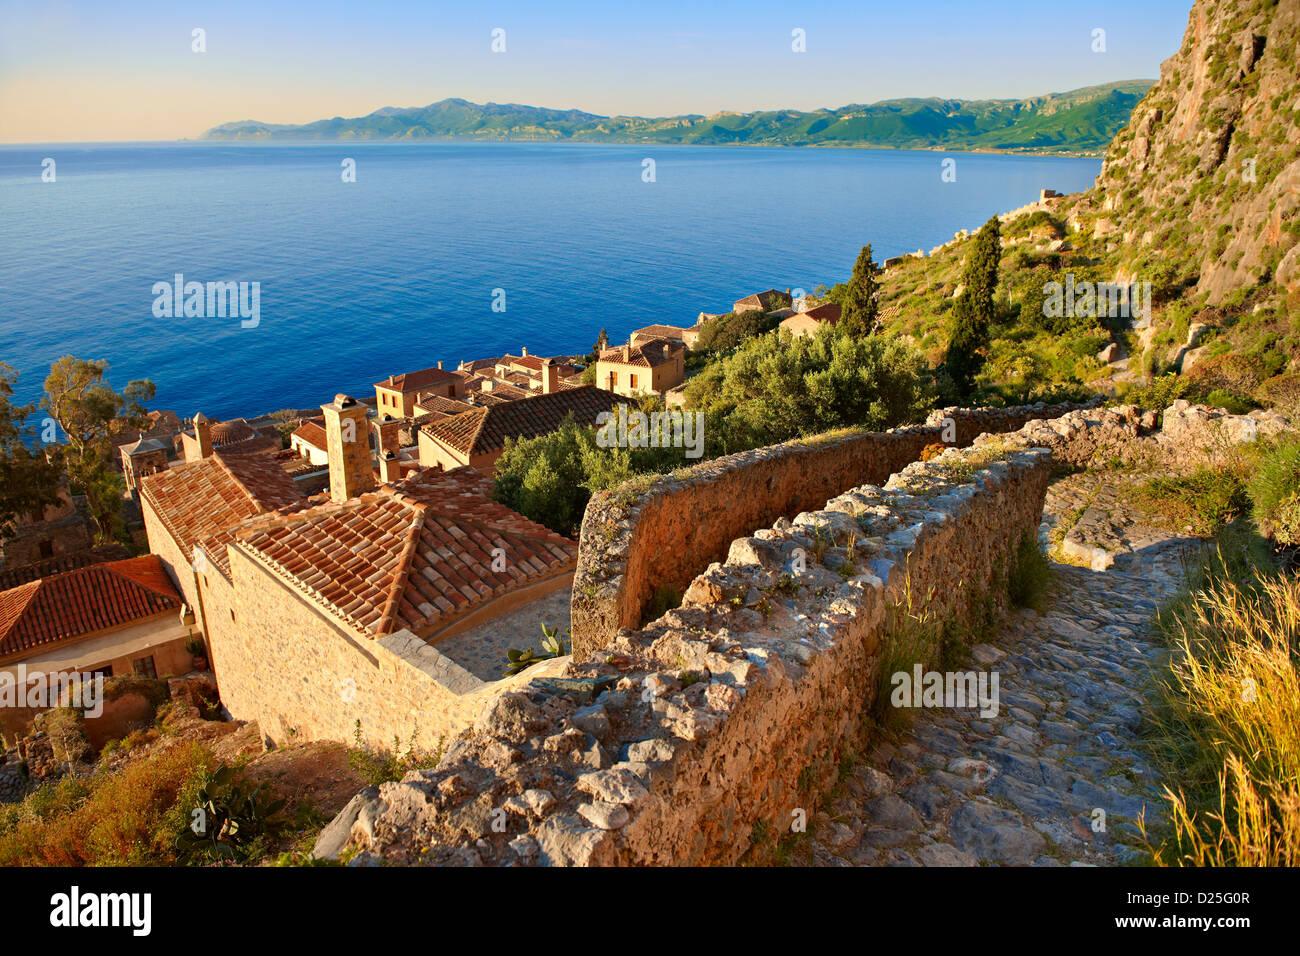 Arial Ansicht von Monemvasia byzantinischen Burg Inselstadt mit Akropolis auf dem Plateau. Peloponnes, Griechenland Stockbild